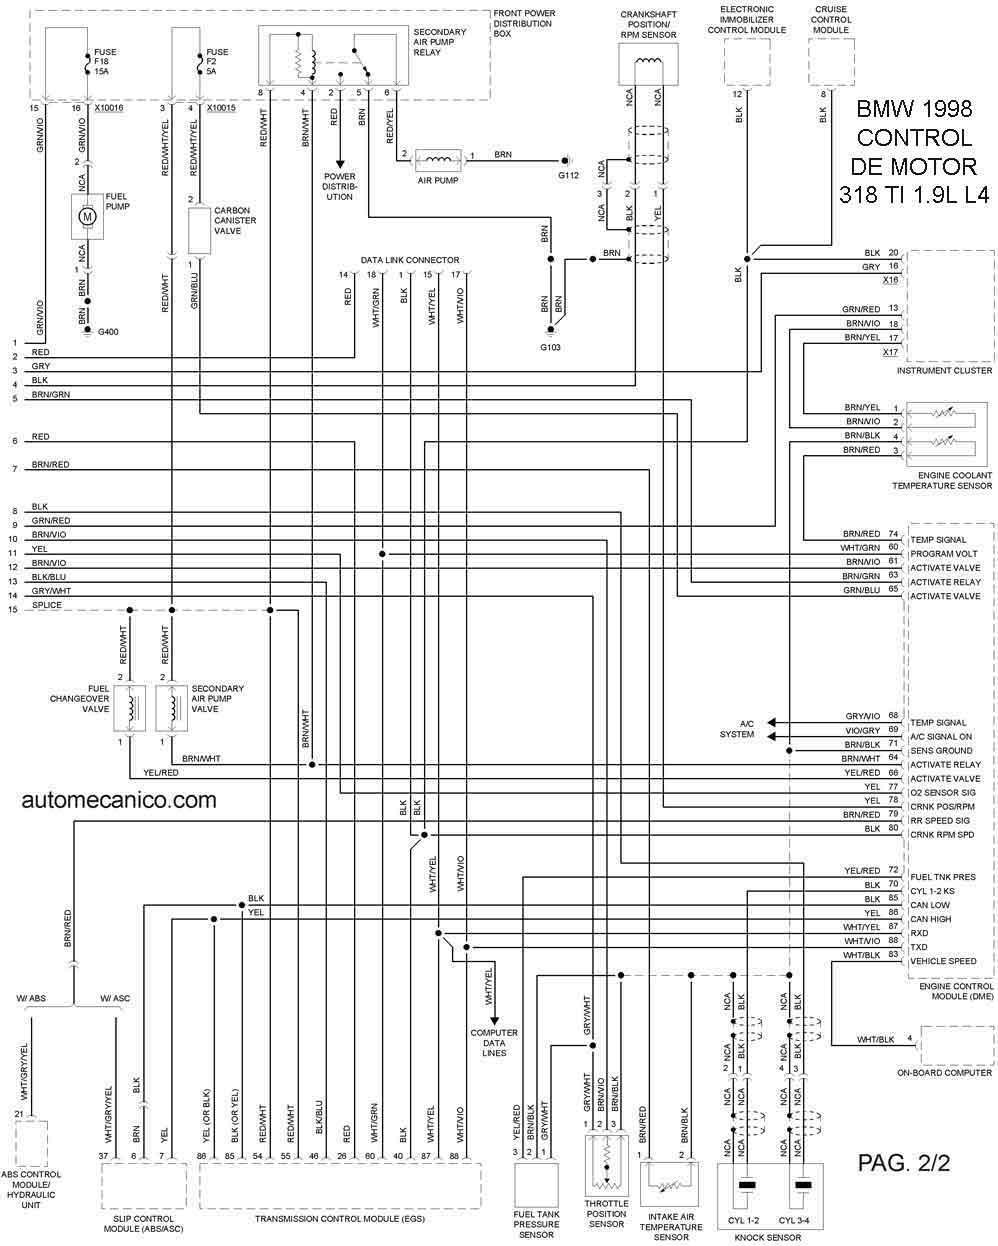 1998 bmw Diagrama del motor